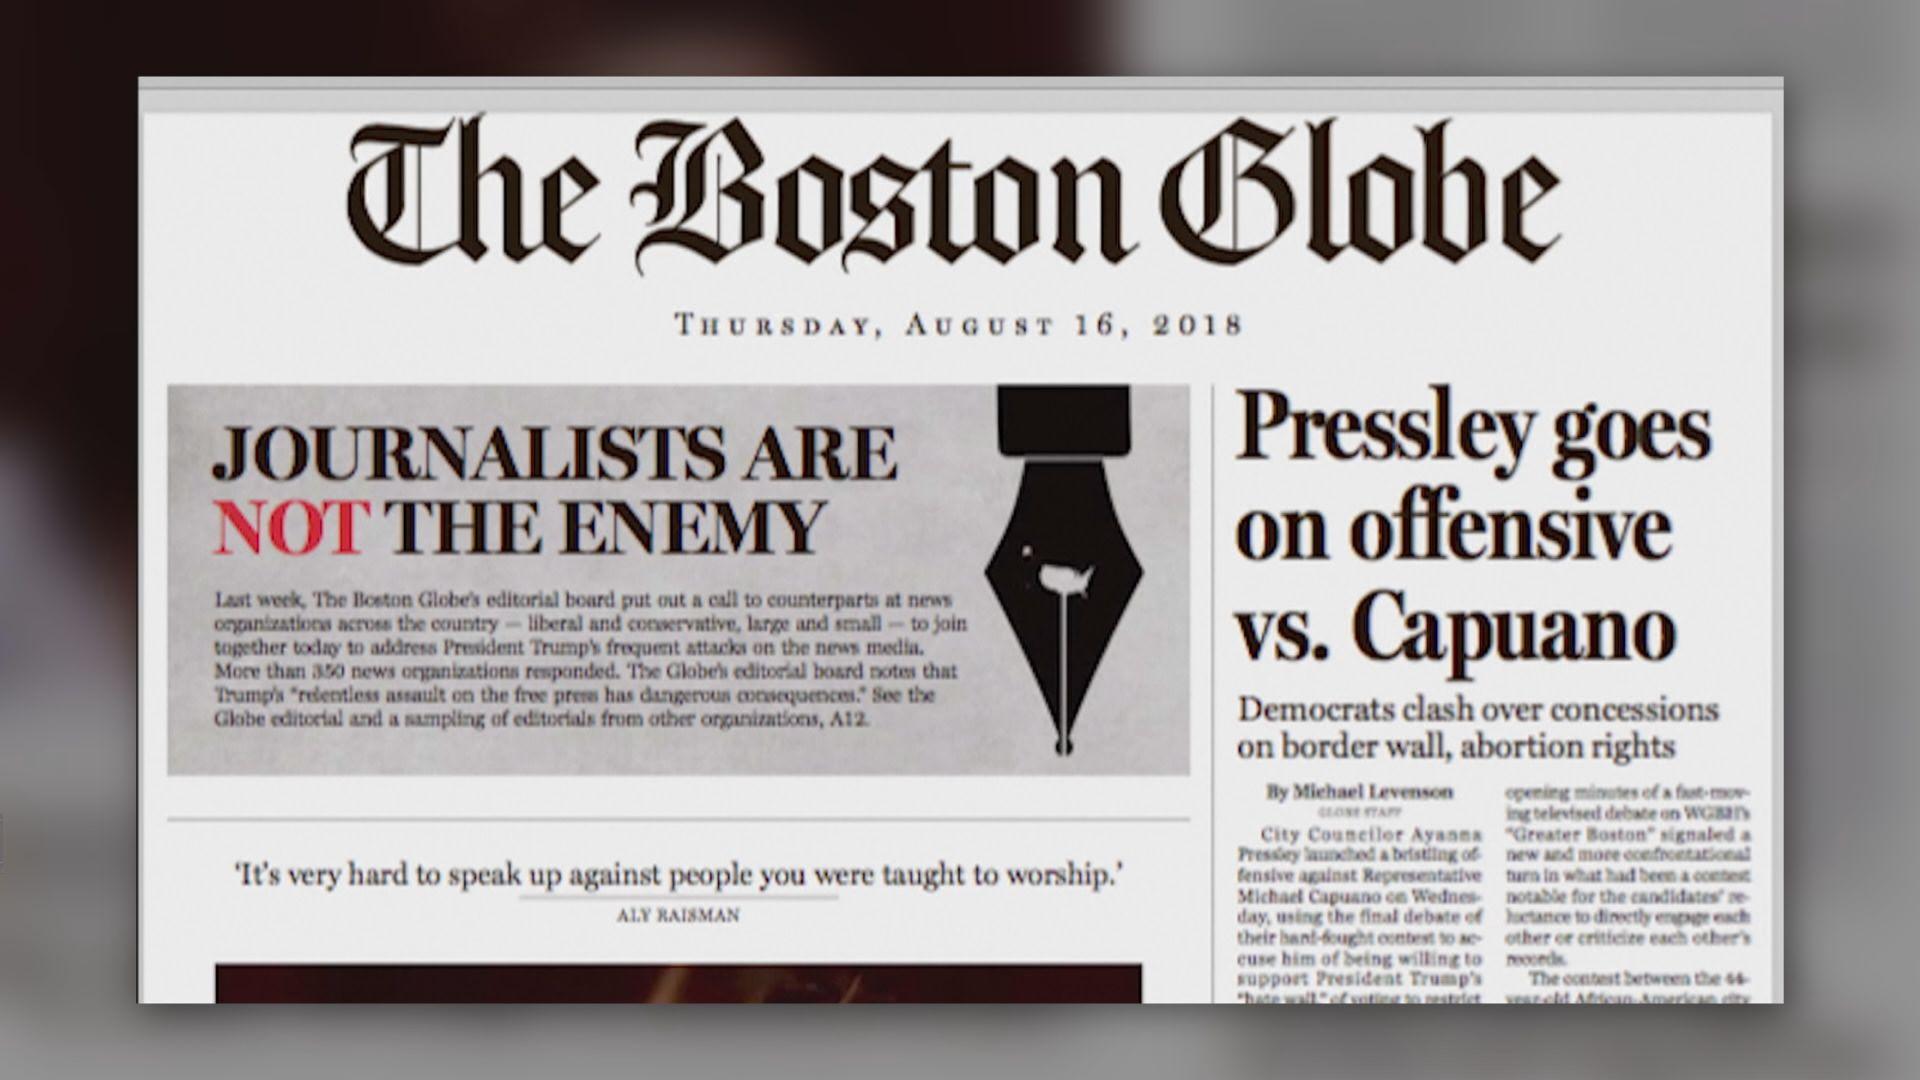 美報章發文反擊特朗普攻擊傳媒